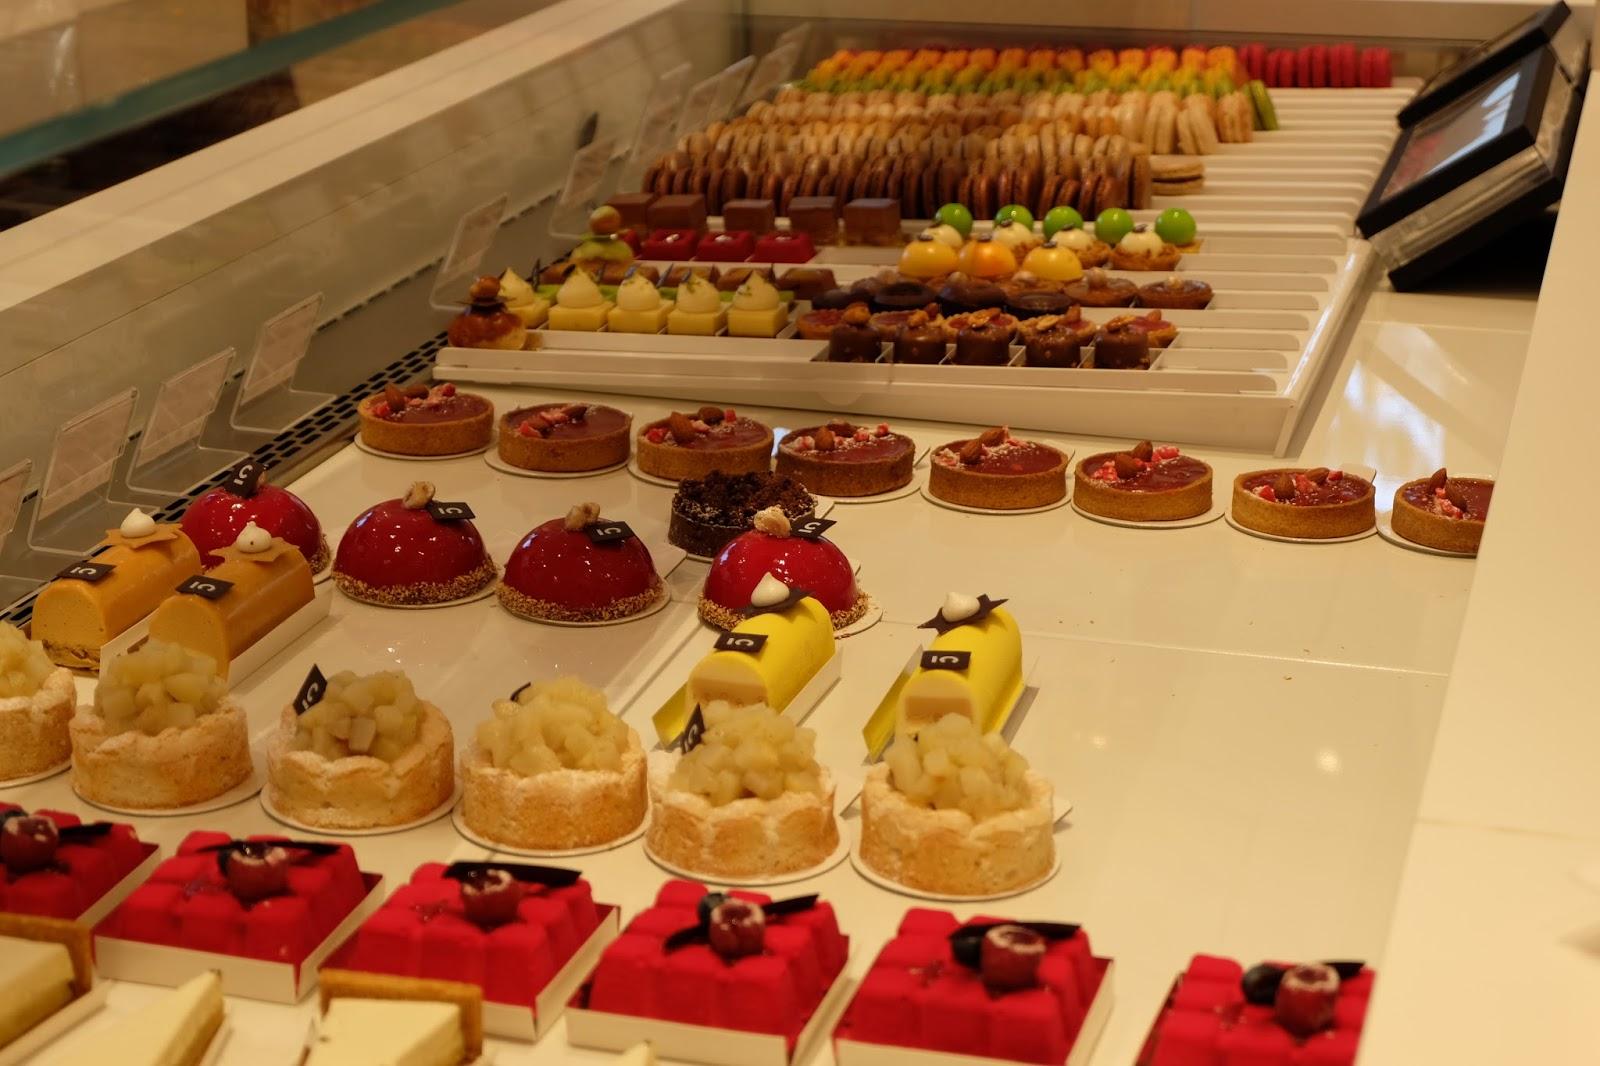 cgastronomie, la boutique du goût, blog mode lyon, blog mode, restaurant,